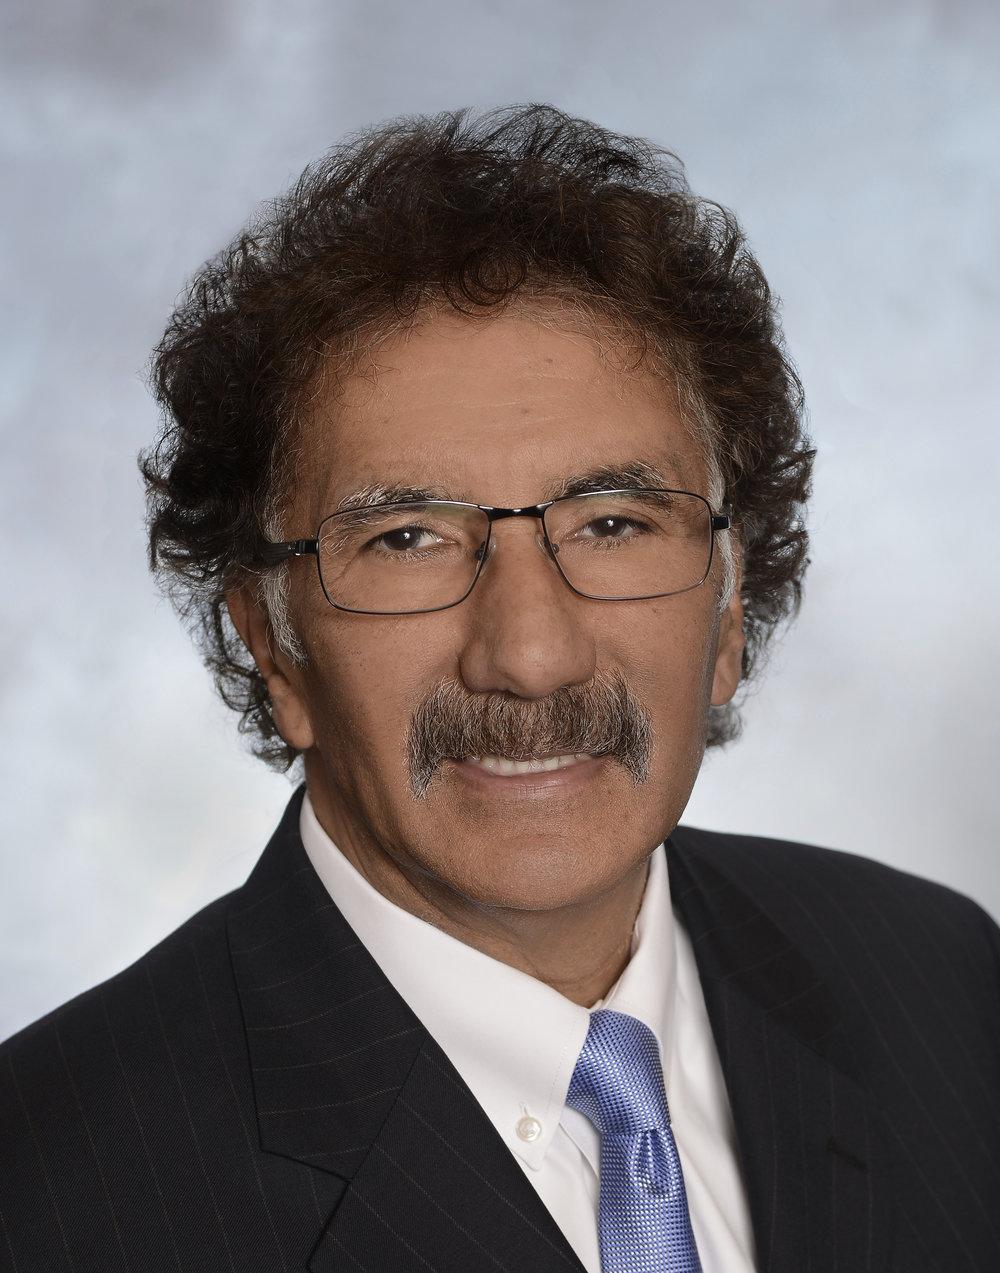 Mario Cordero, Executive Director, Port of Long Beach